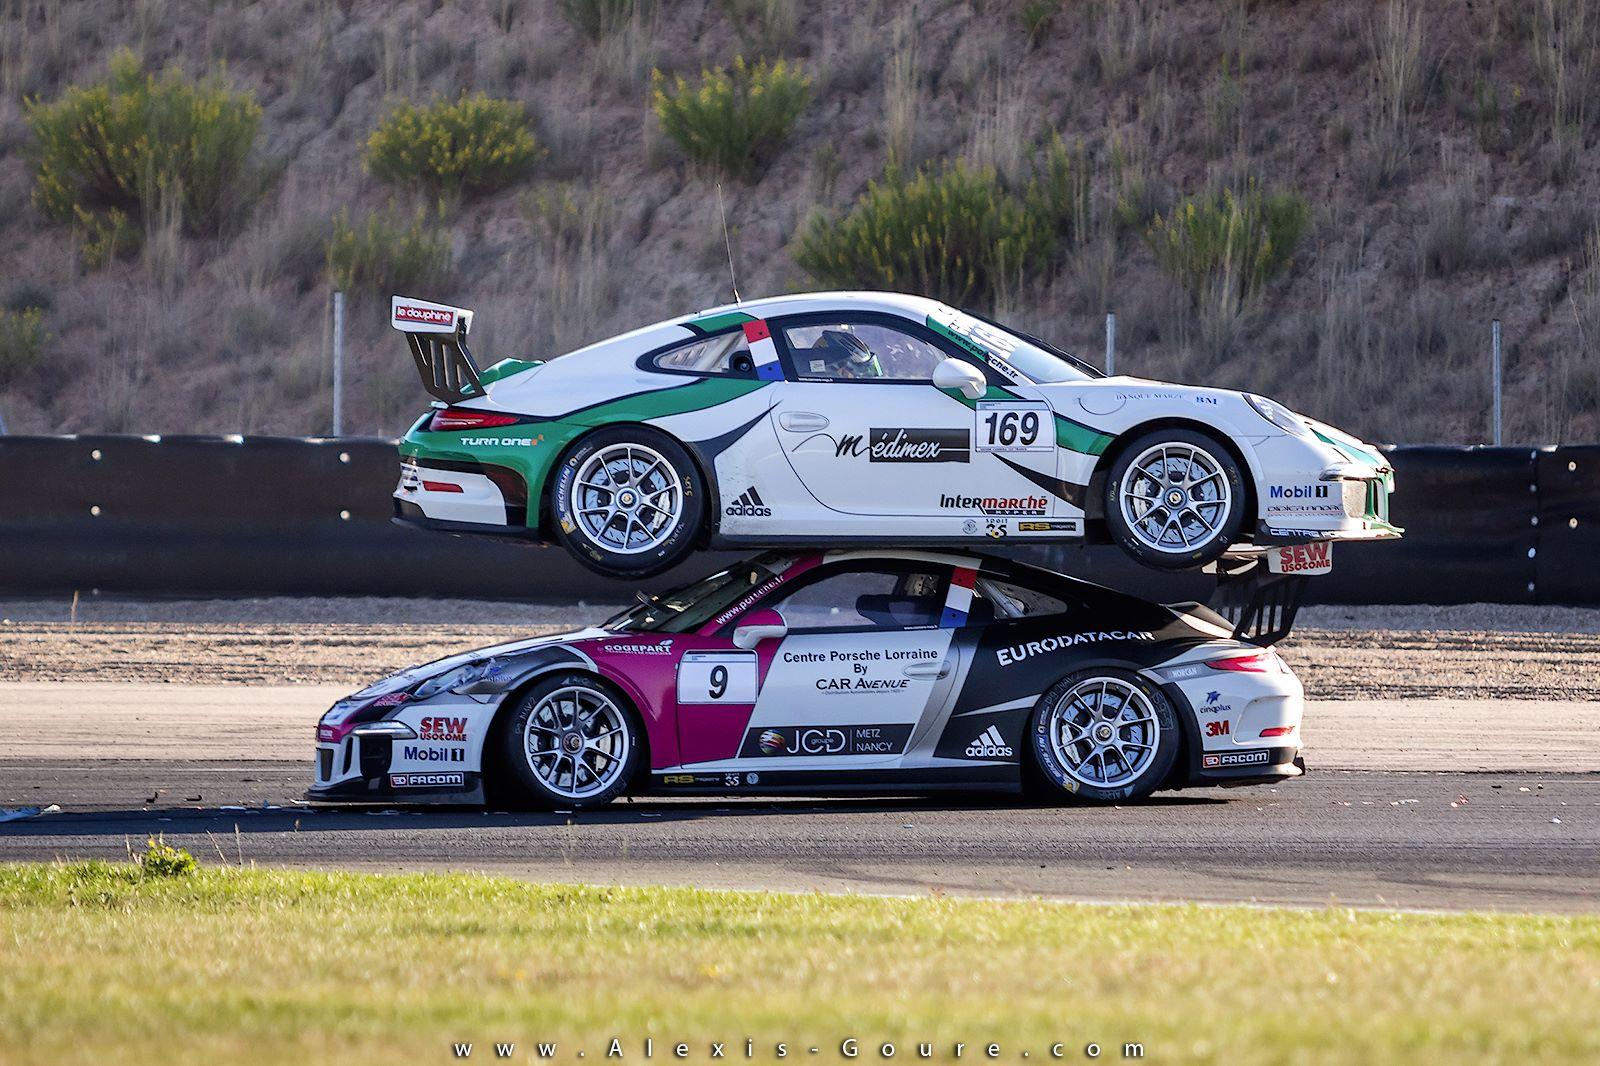 Video: Porsche Lands on Porsche at Carrera Cup France! - GTspirit on porsche 911 gt3 cup, porsche carrera cup scandinavia, porsche cup car, porsche gt3 cup brasil, porsche motorsport, porsche carrera cup germany, porsche anniversary, porsche 944 cup, porsche 997 cup, porsche cup racing, porsche carrera cup great britain, porsche america roadster, porsche 911 racing,